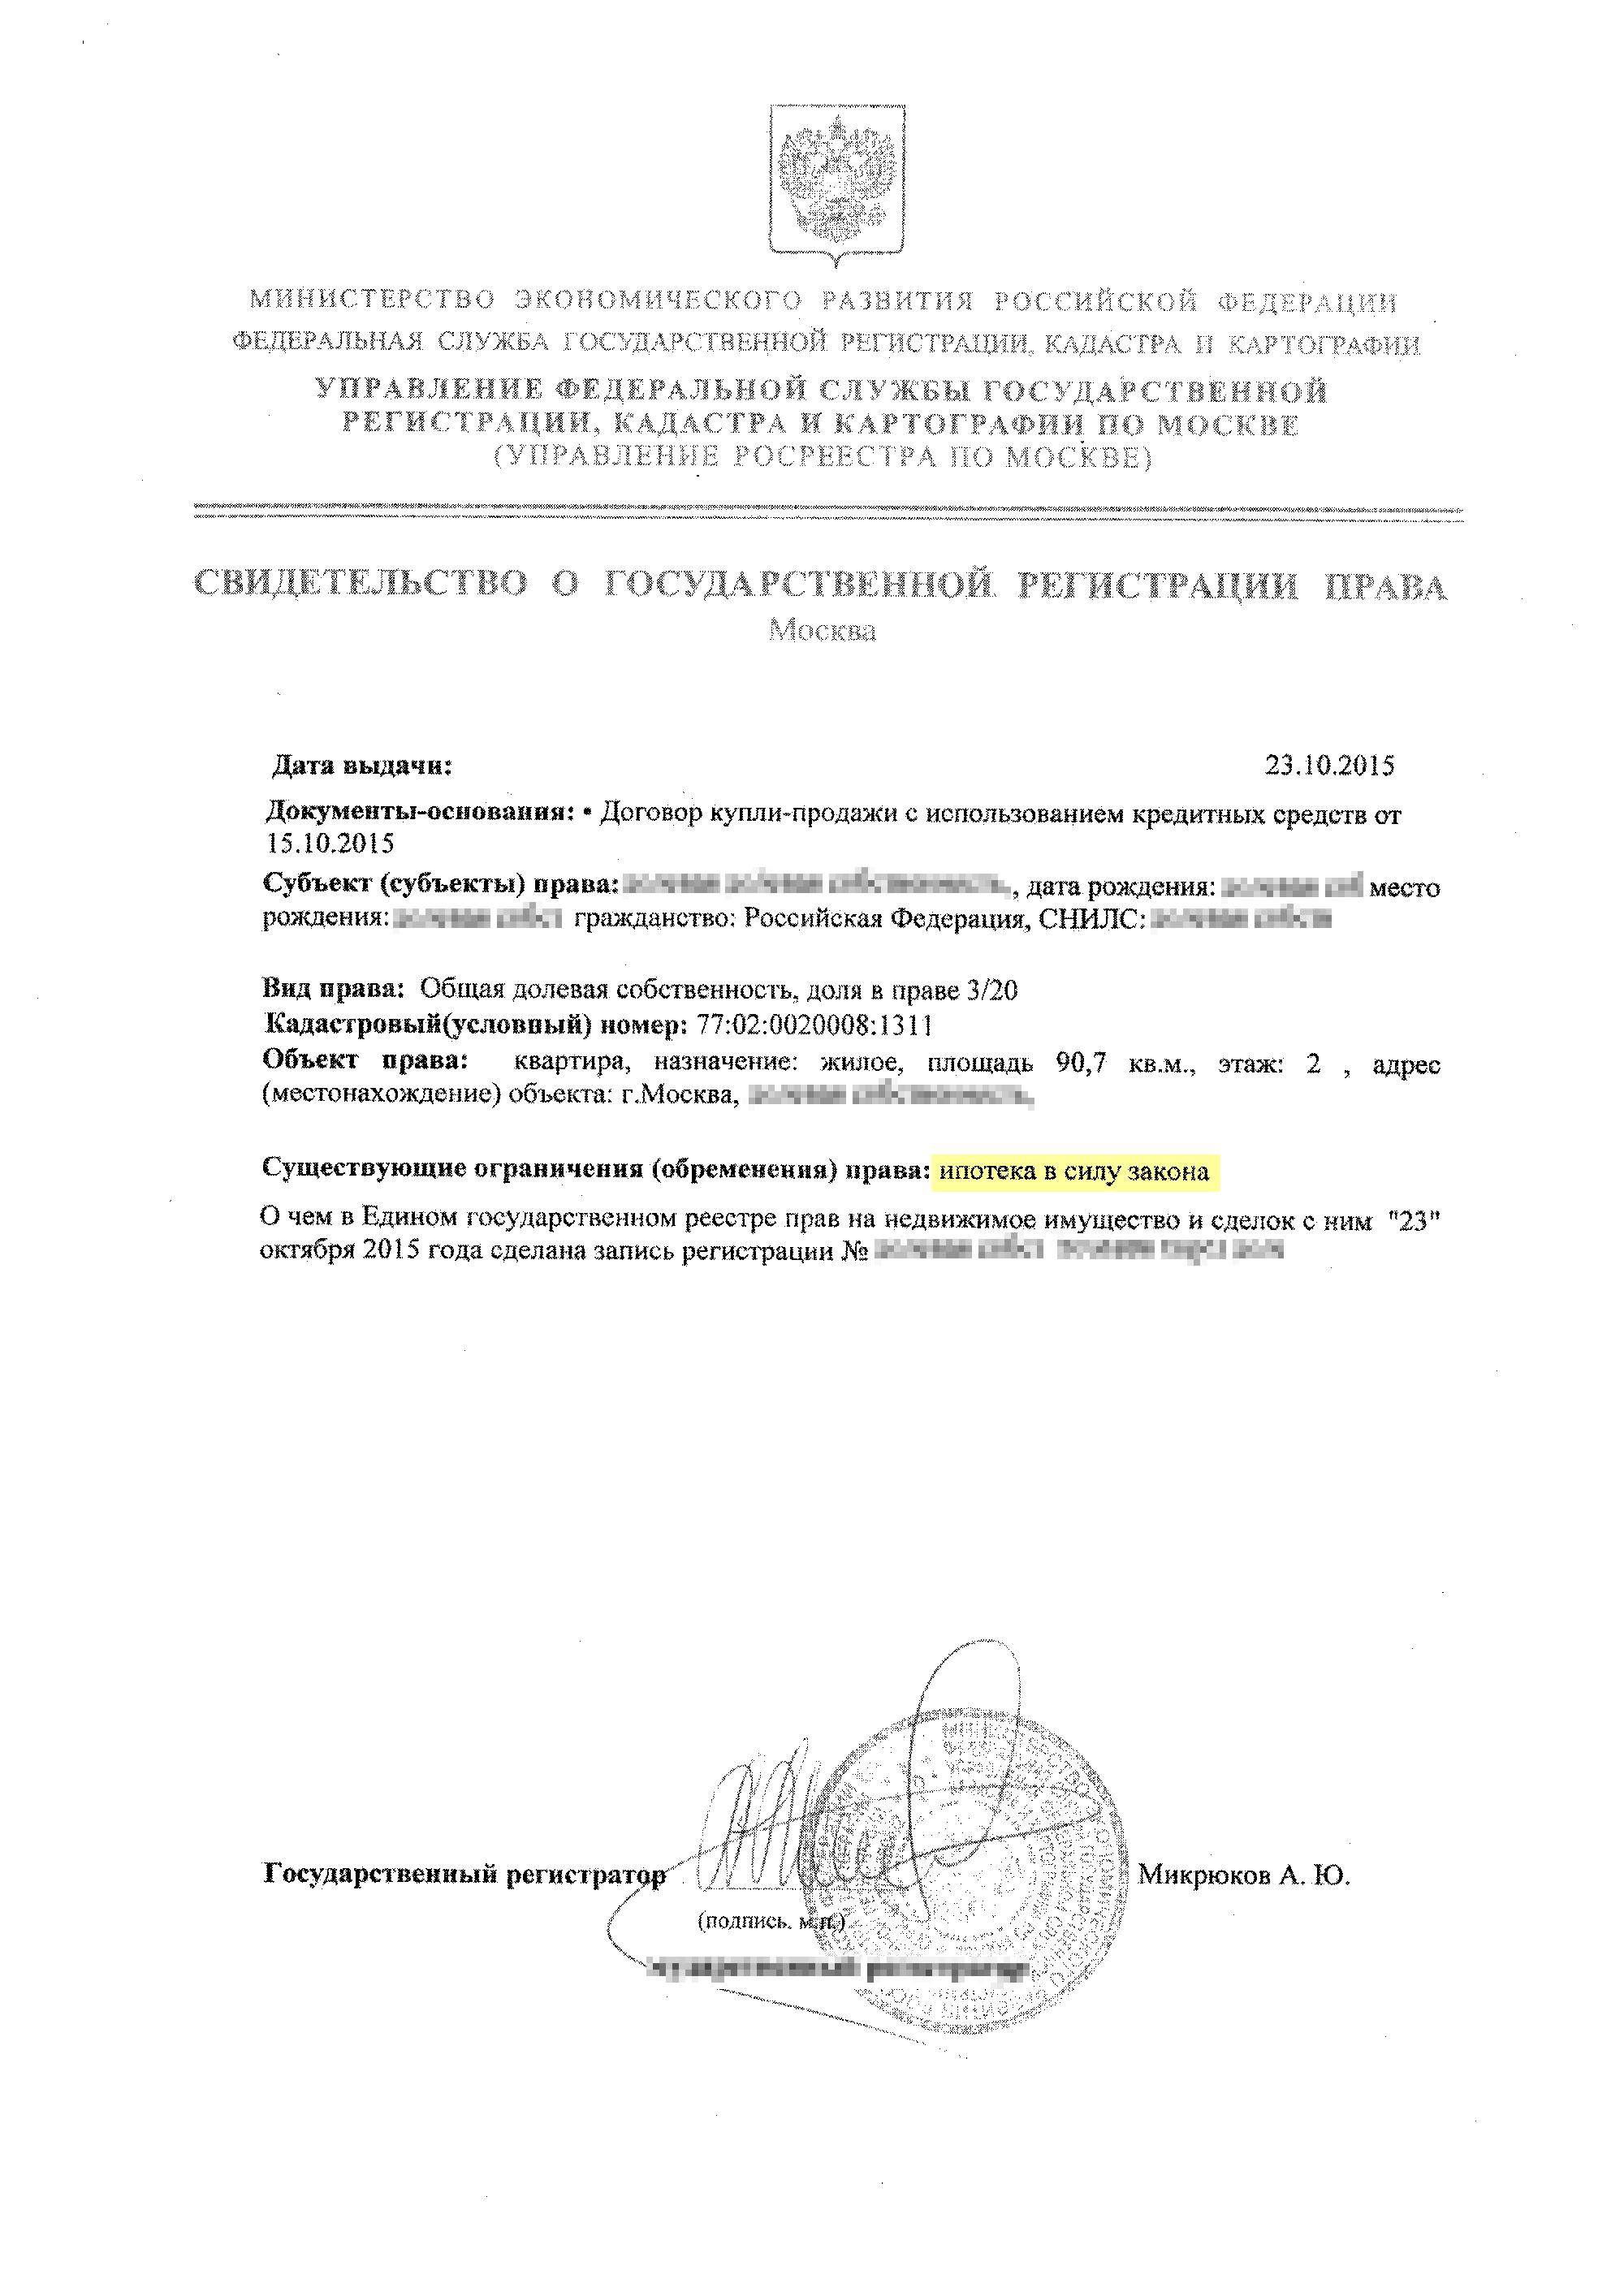 Свидетельство о праве собственности Ивана на квартиру с отметкой о регистрации ипотеки в силу закона, которое Иван представил в суд как доказательство наличия у него кредитных обязательств передбанком